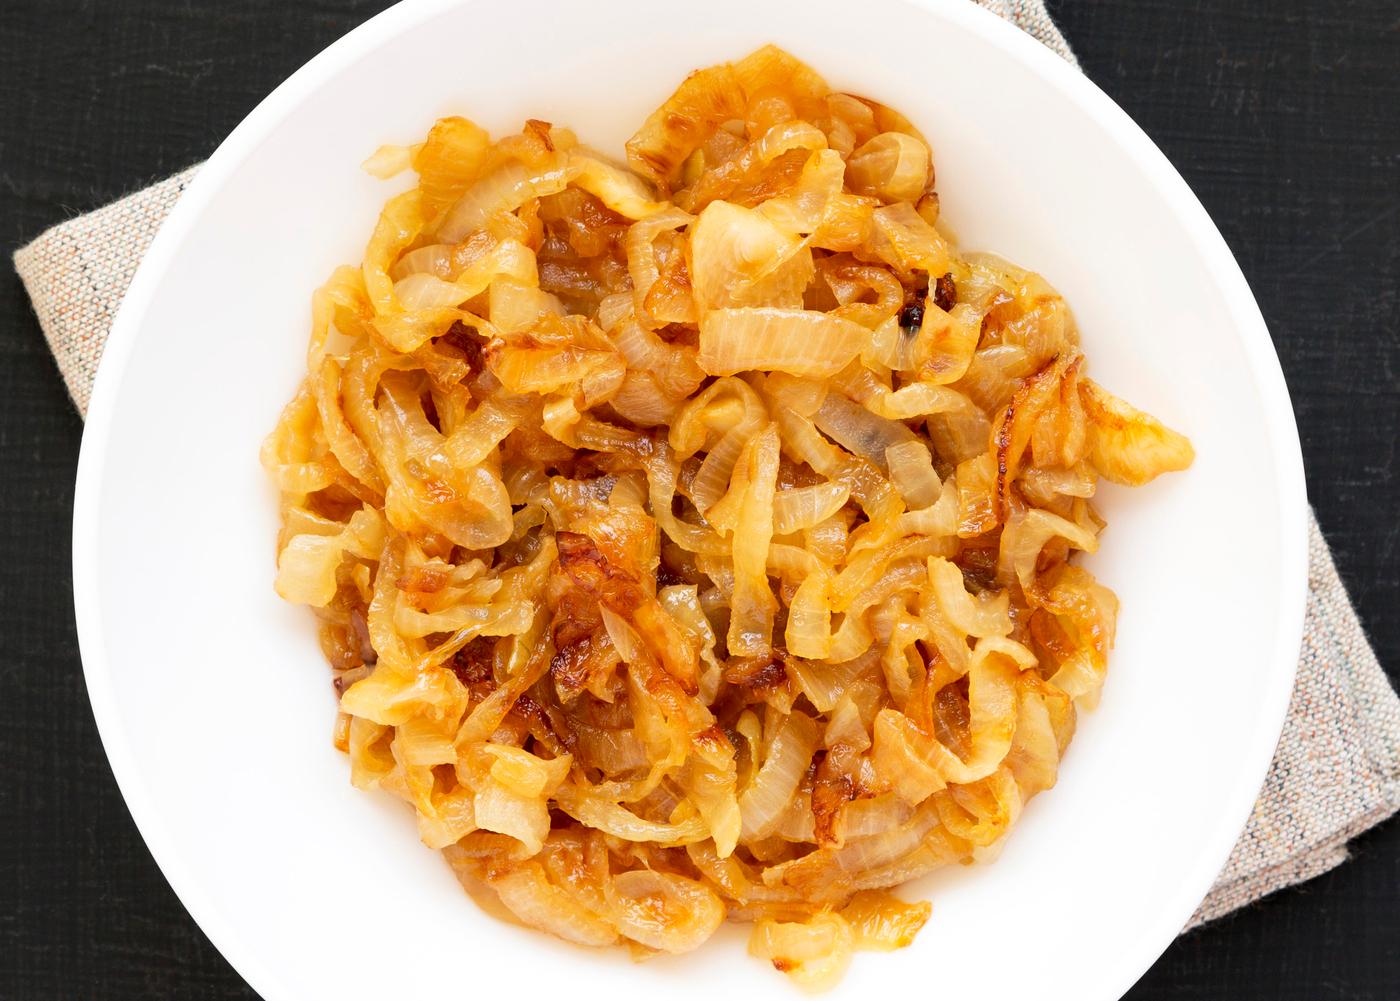 prato com cebola caramelizada e mel